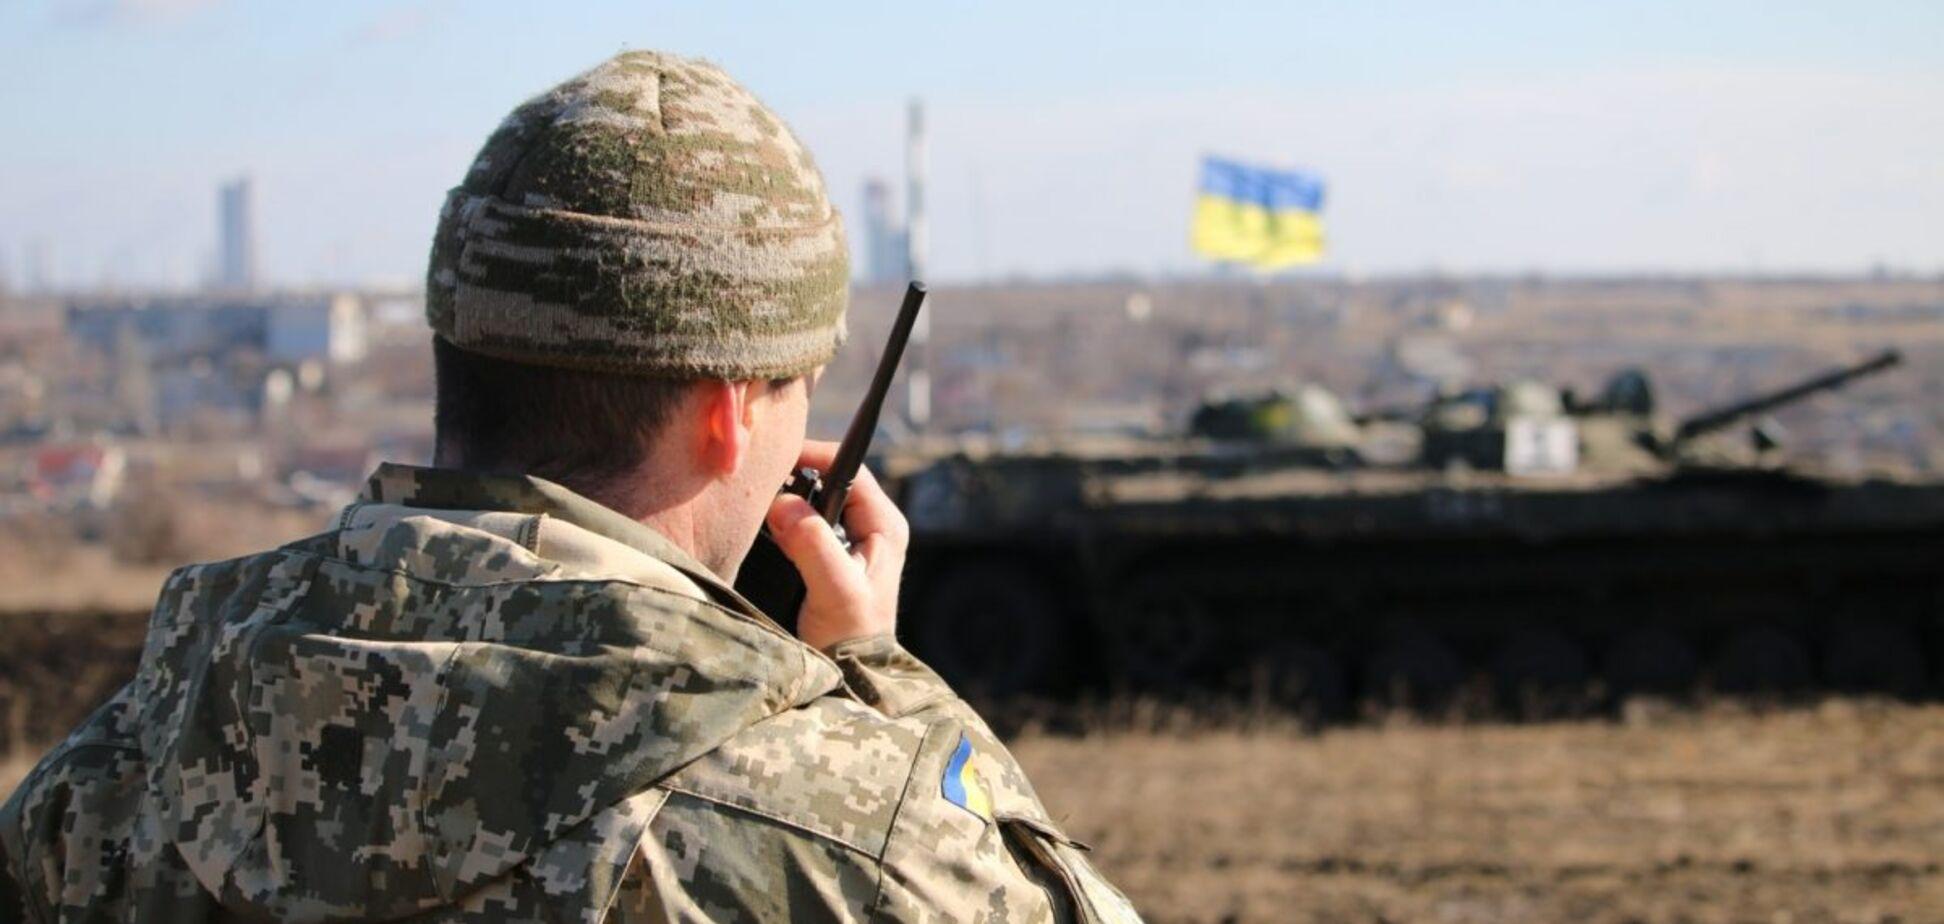 Нова тактика ВСУ на Донбасі: стала відома реакція терористів